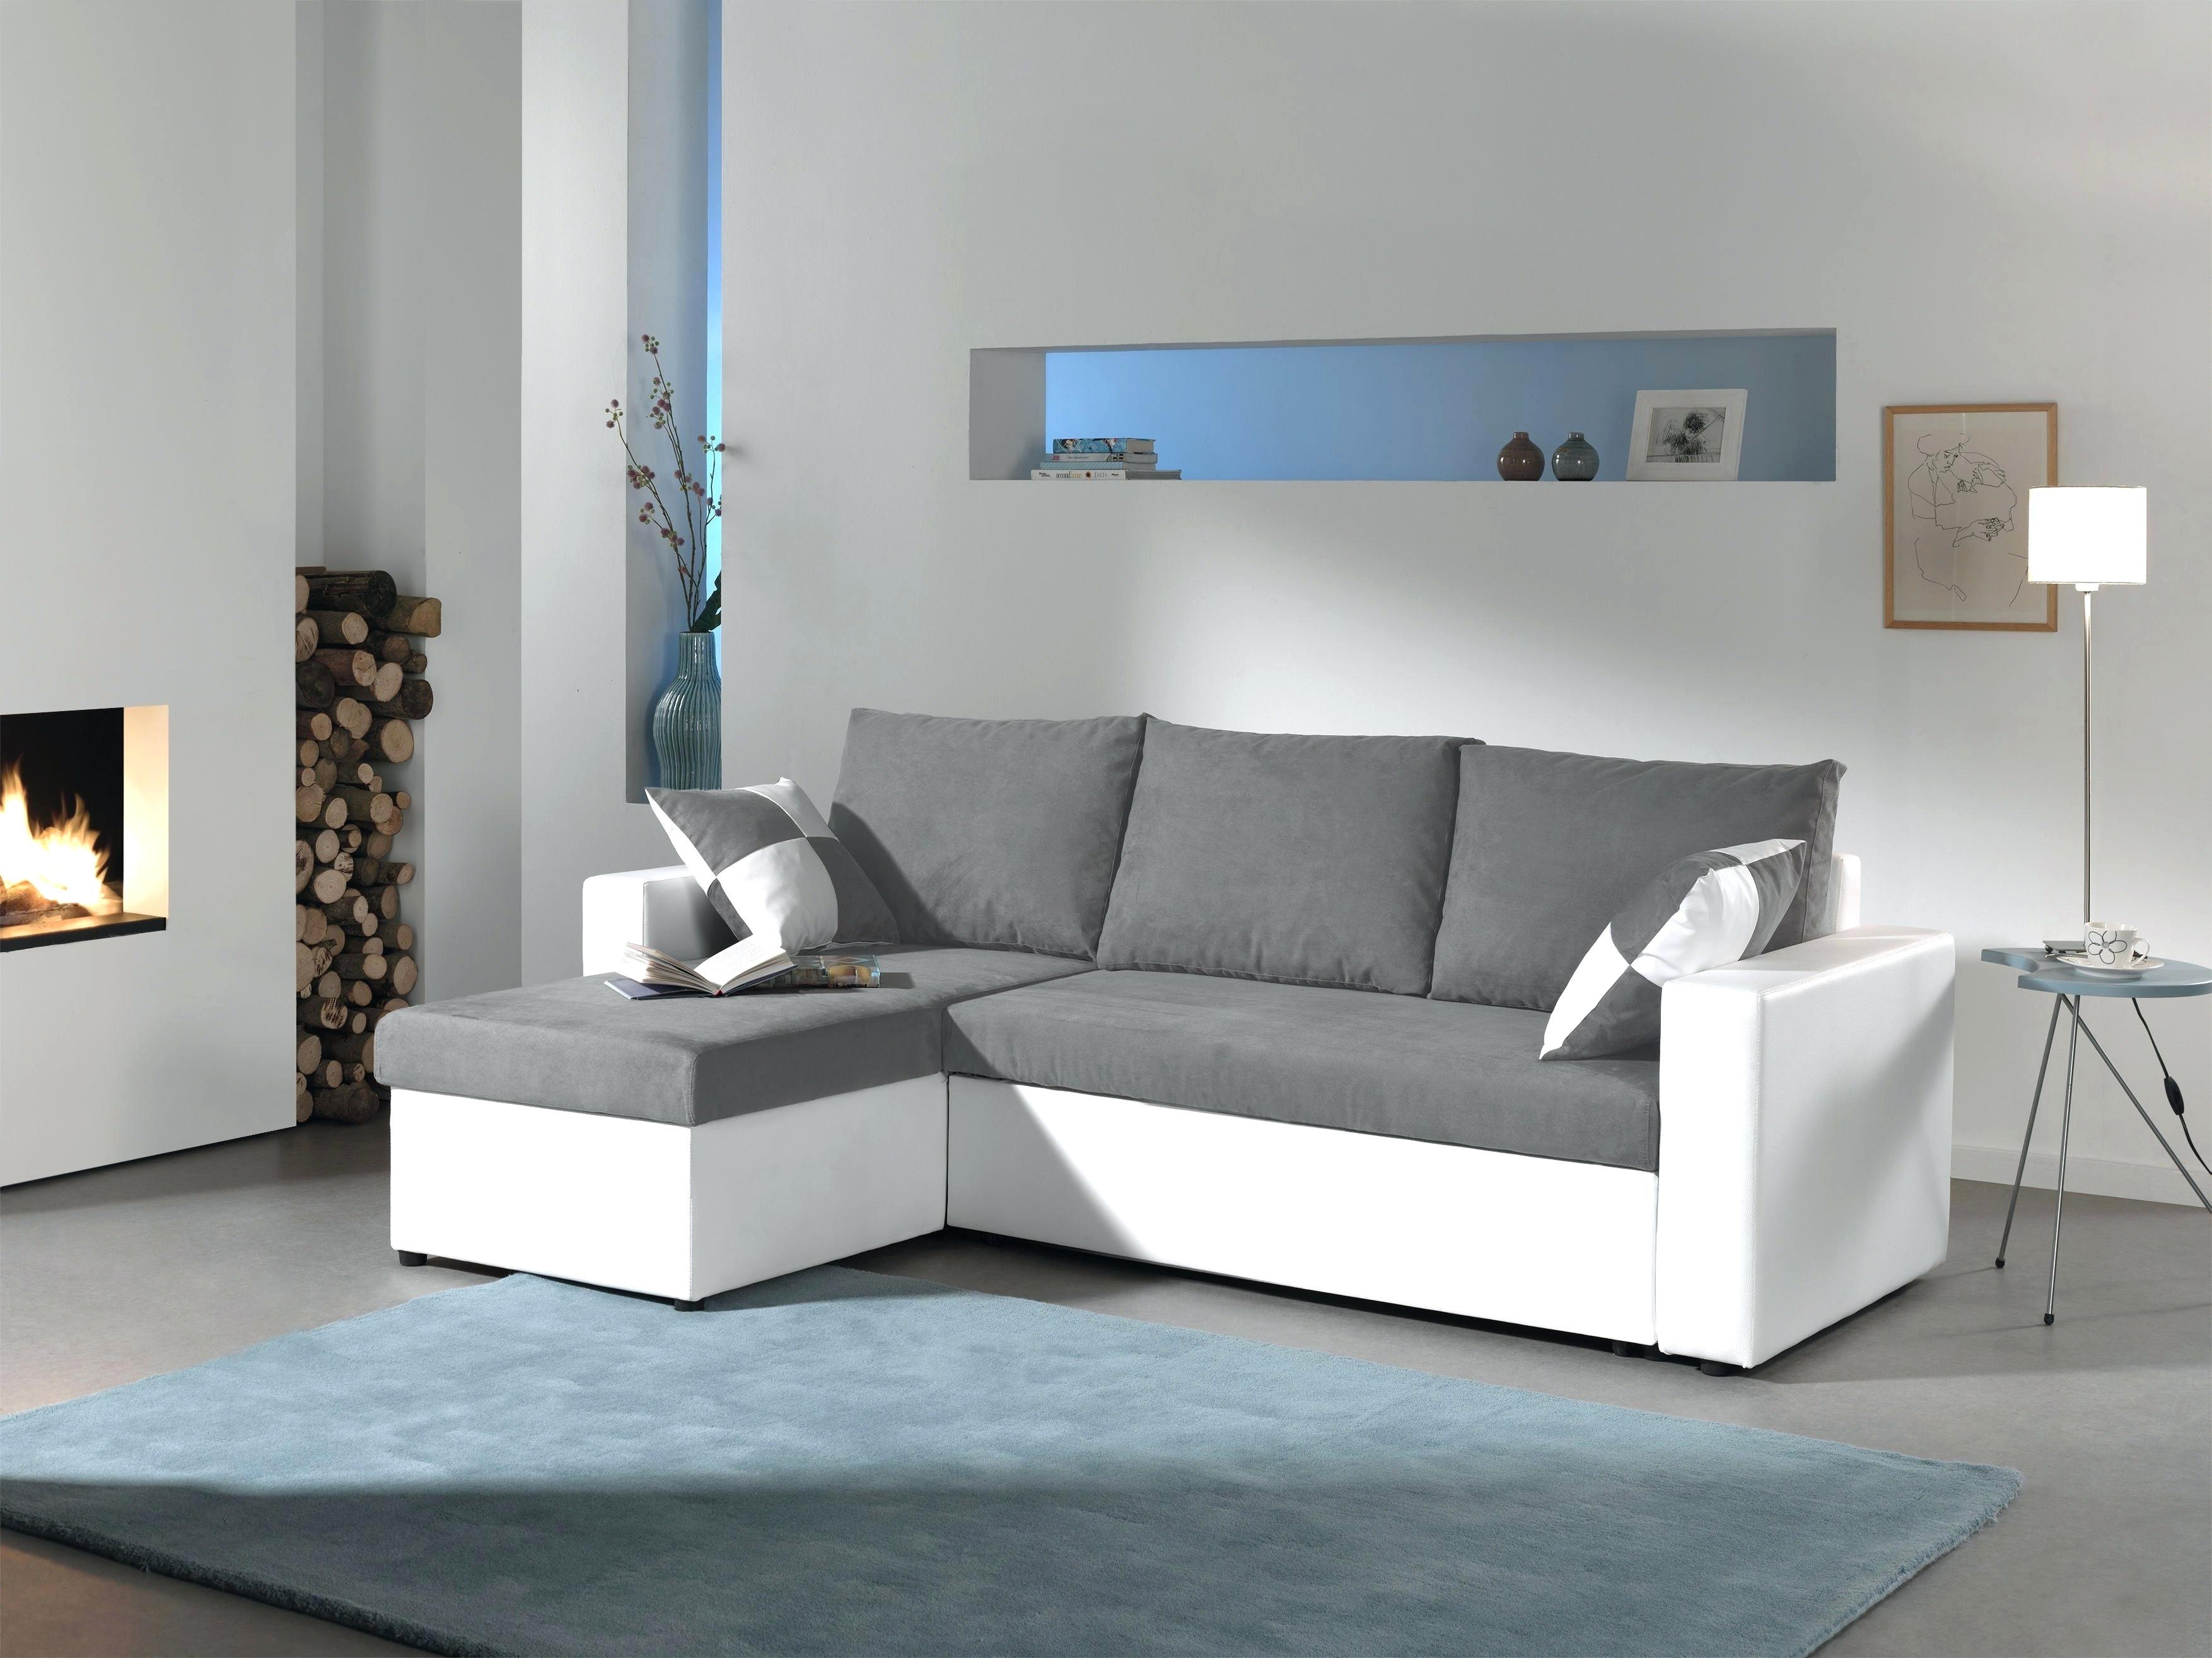 Ikea Canapé Friheten Luxe Image Les 15 Frais Canapé Convertible Avec Coffre De Rangement S